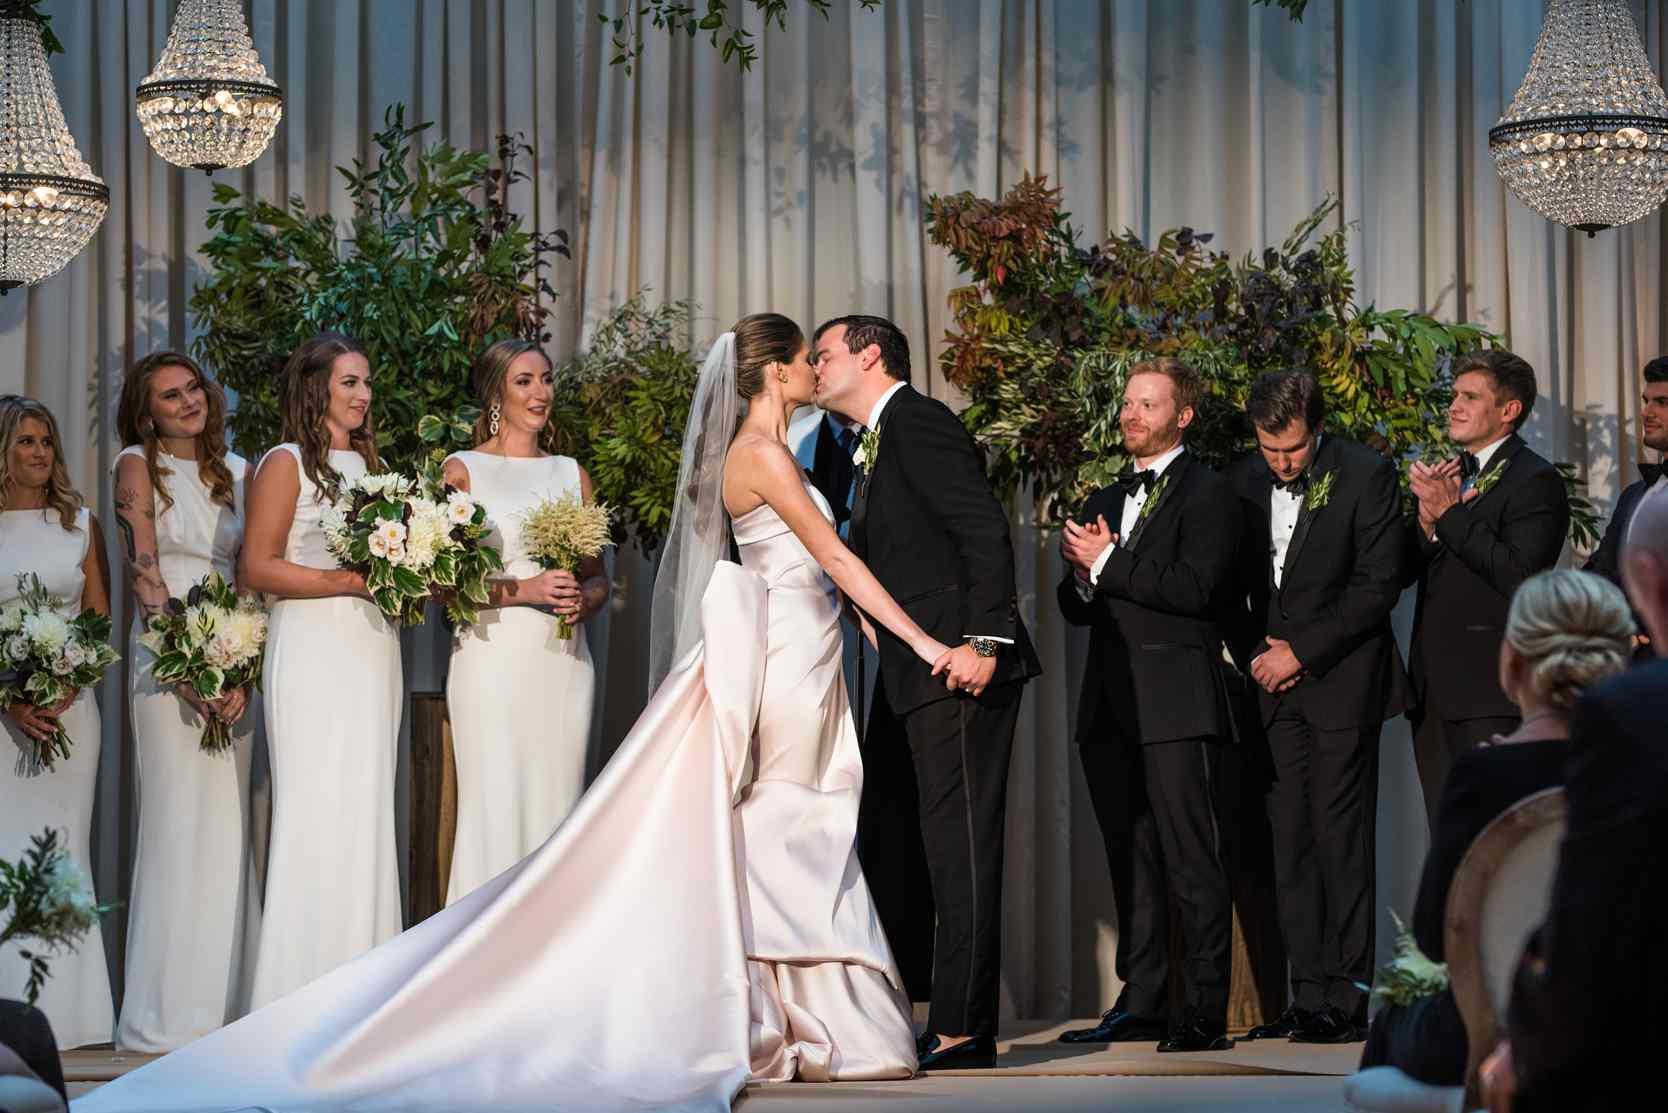 The newlyweds share a kiss